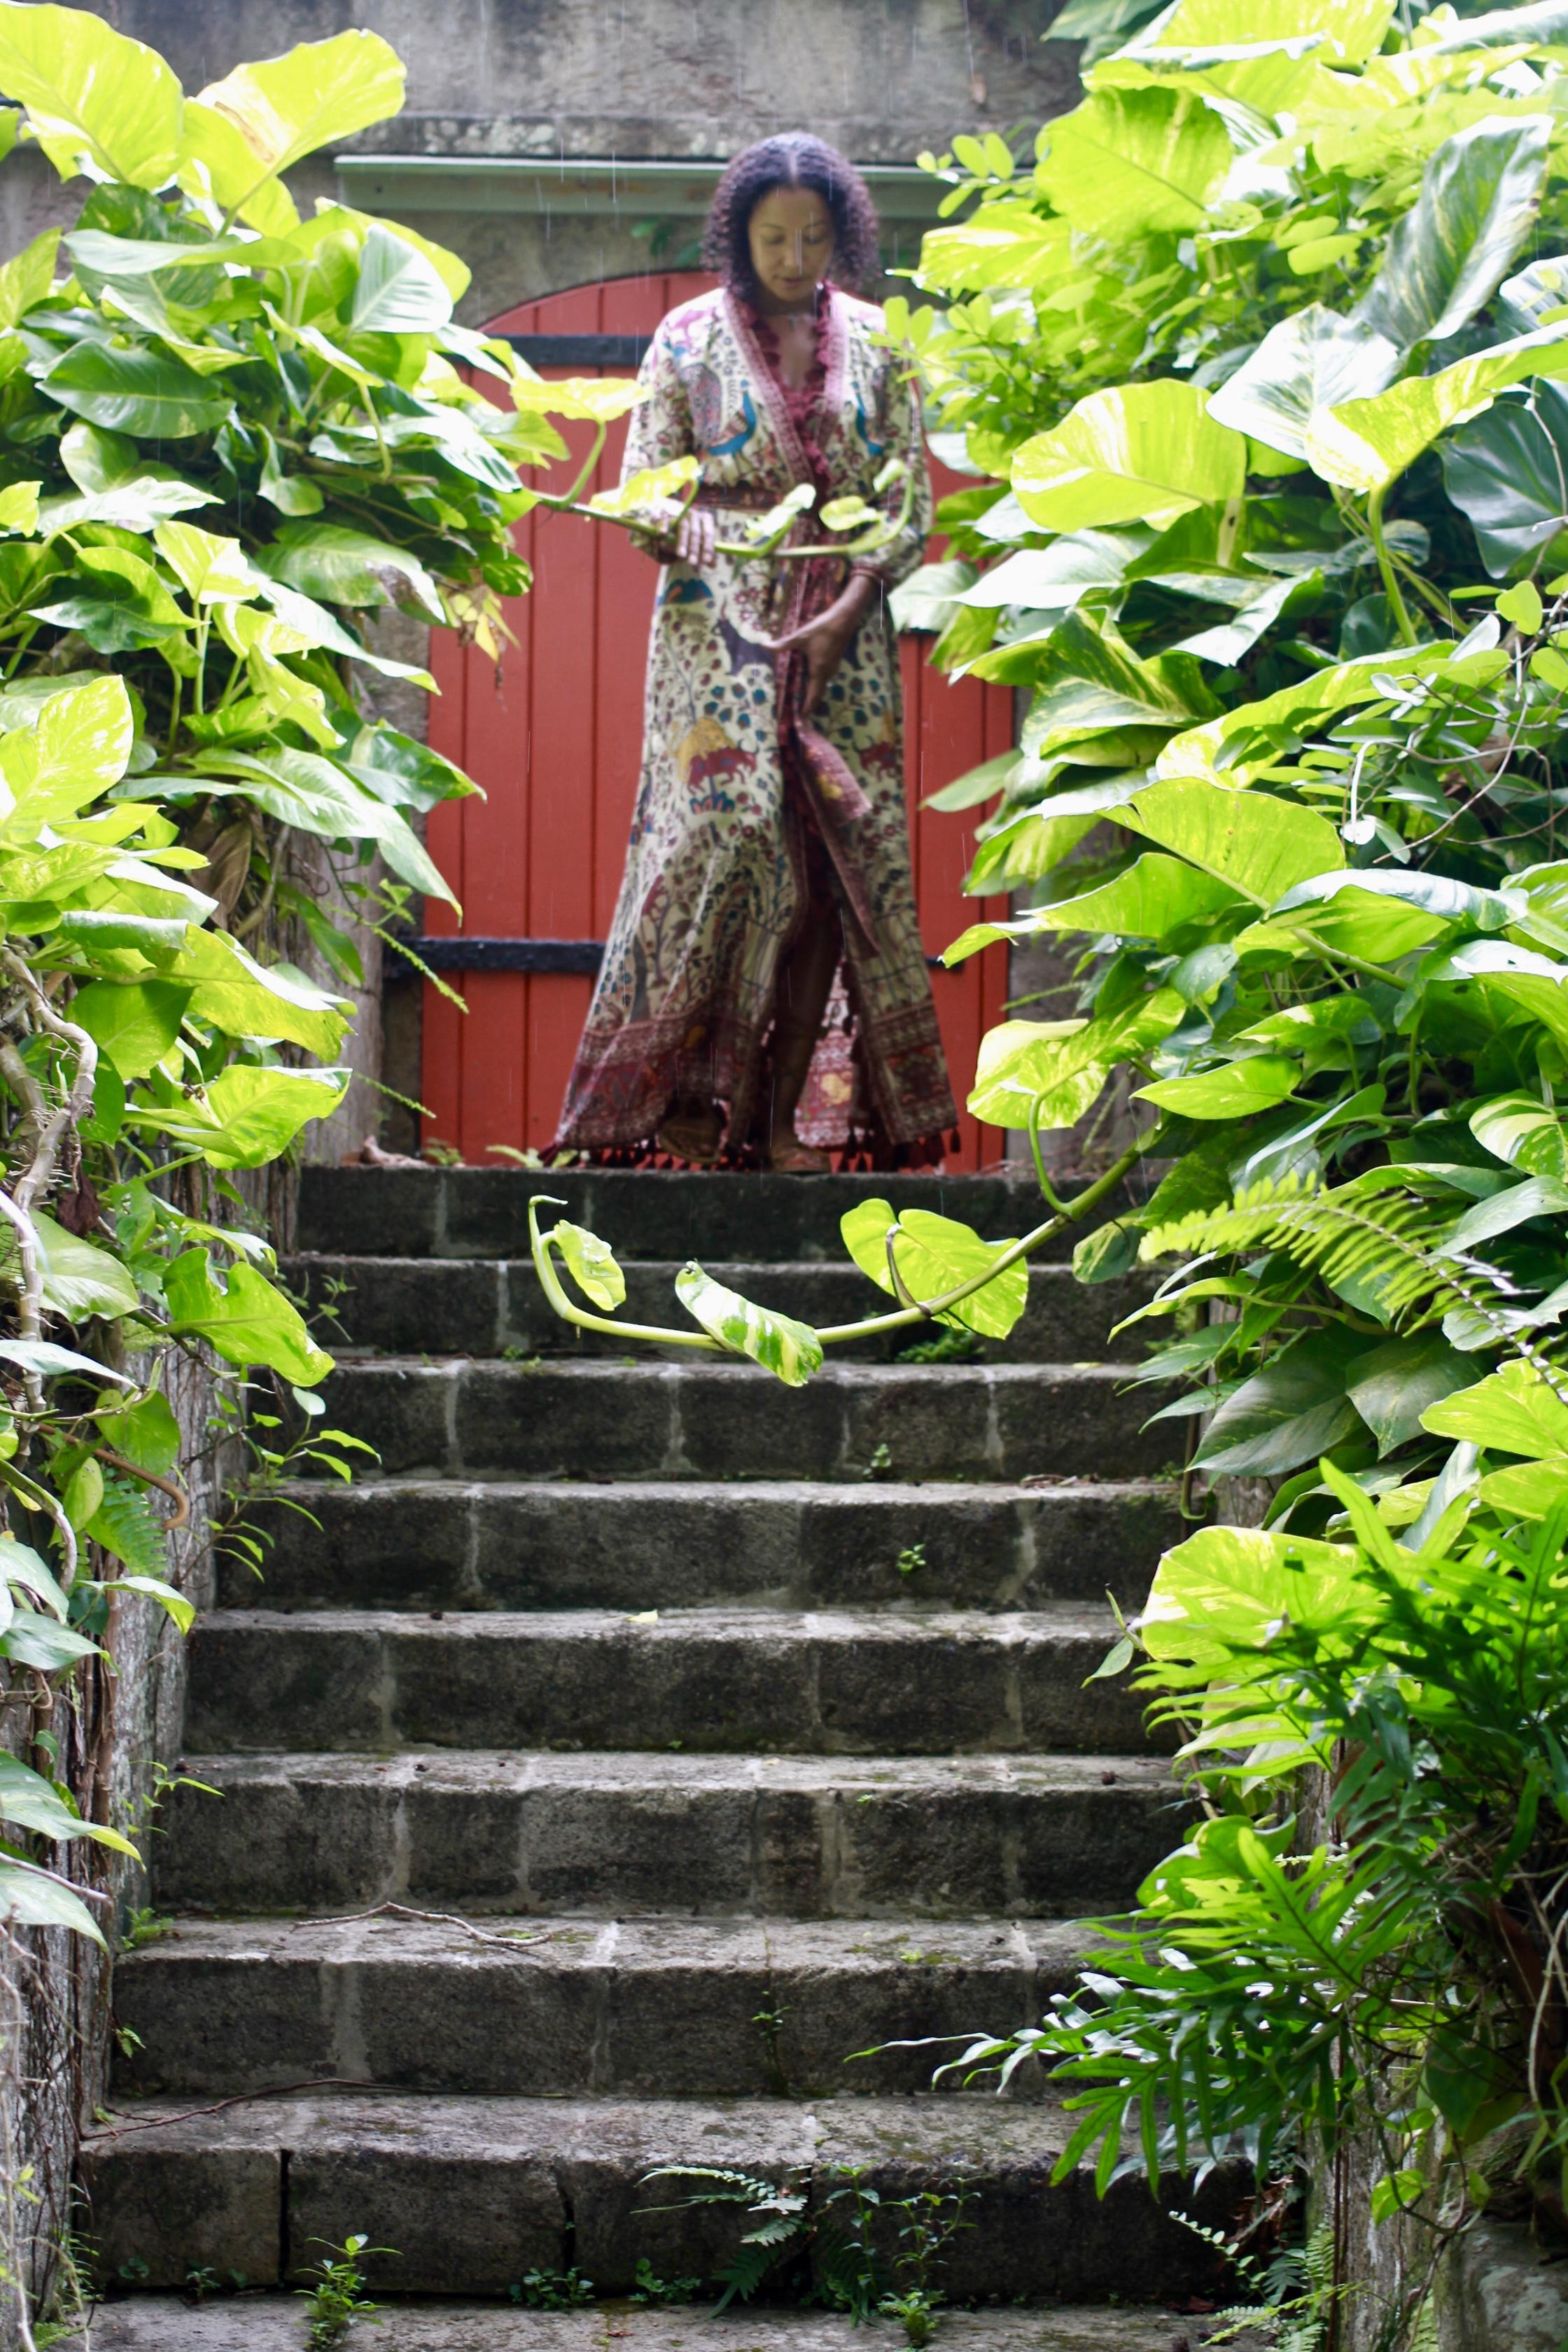 Exploring the gardens at the lovely Golden Rock Inn. Dress by Rhode Resort.